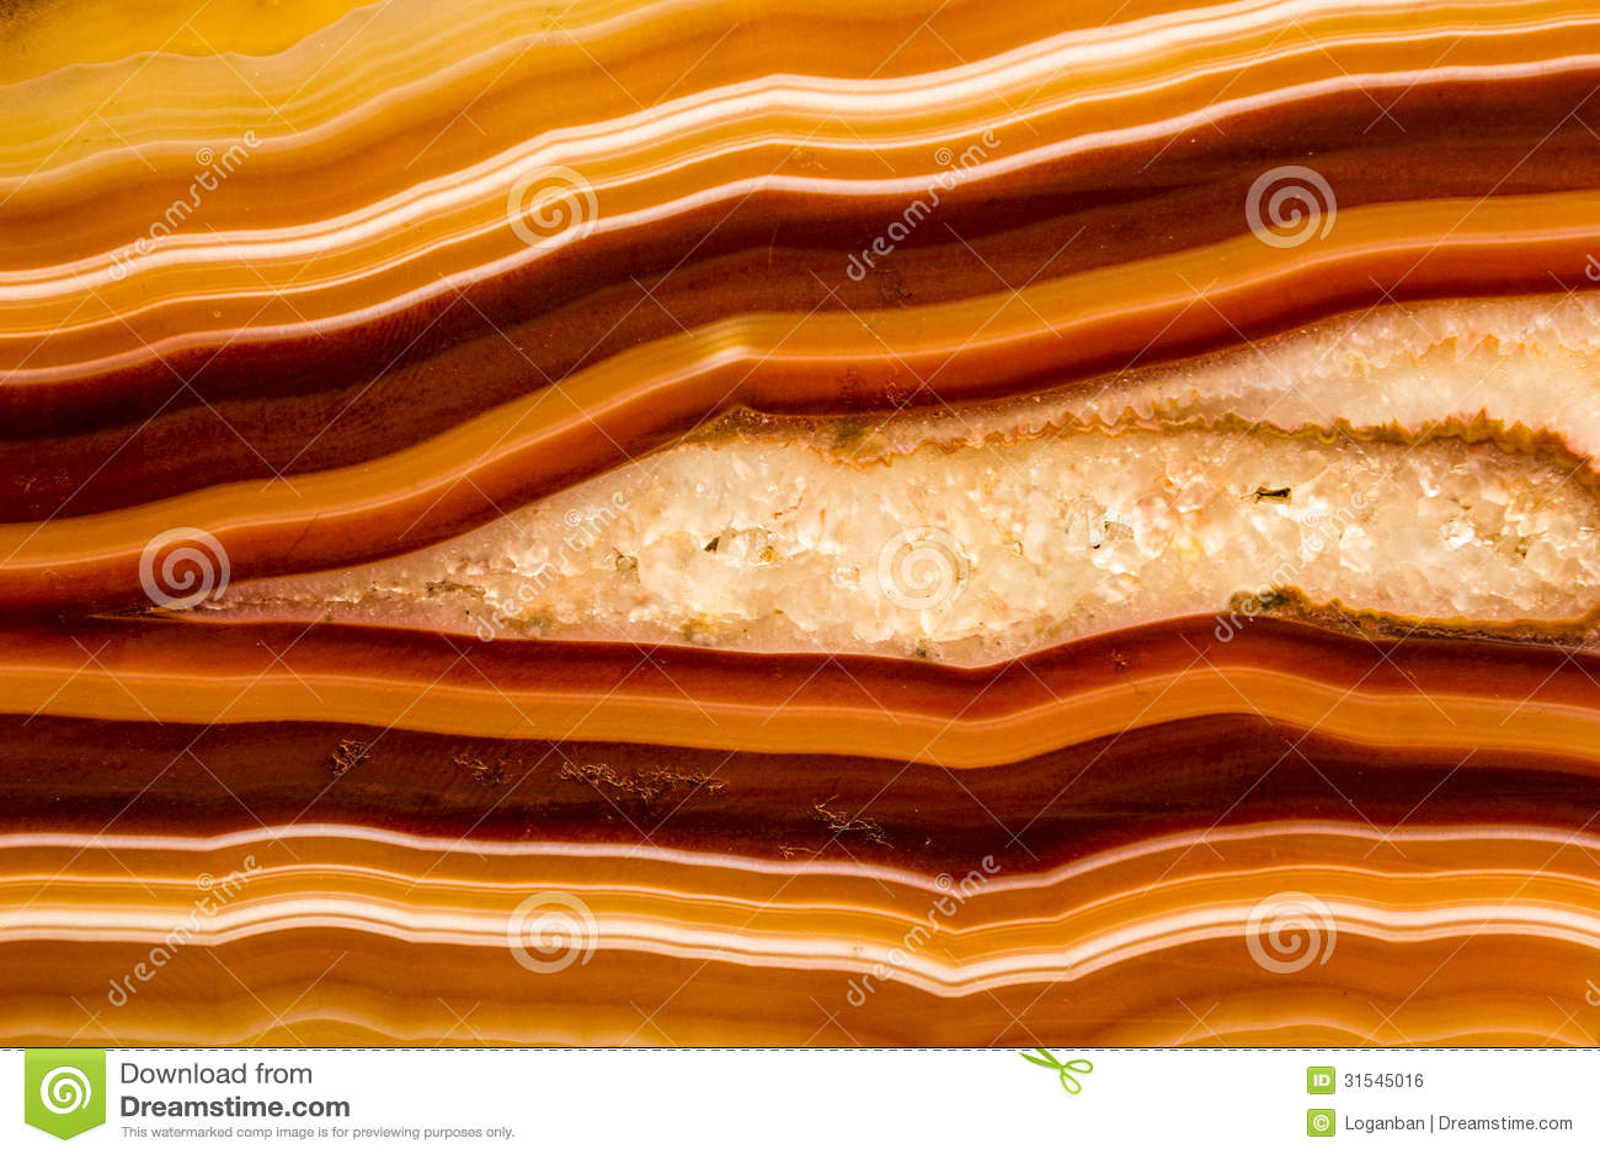 Honey Onyx Stone : Stone background stock photo image of full objects